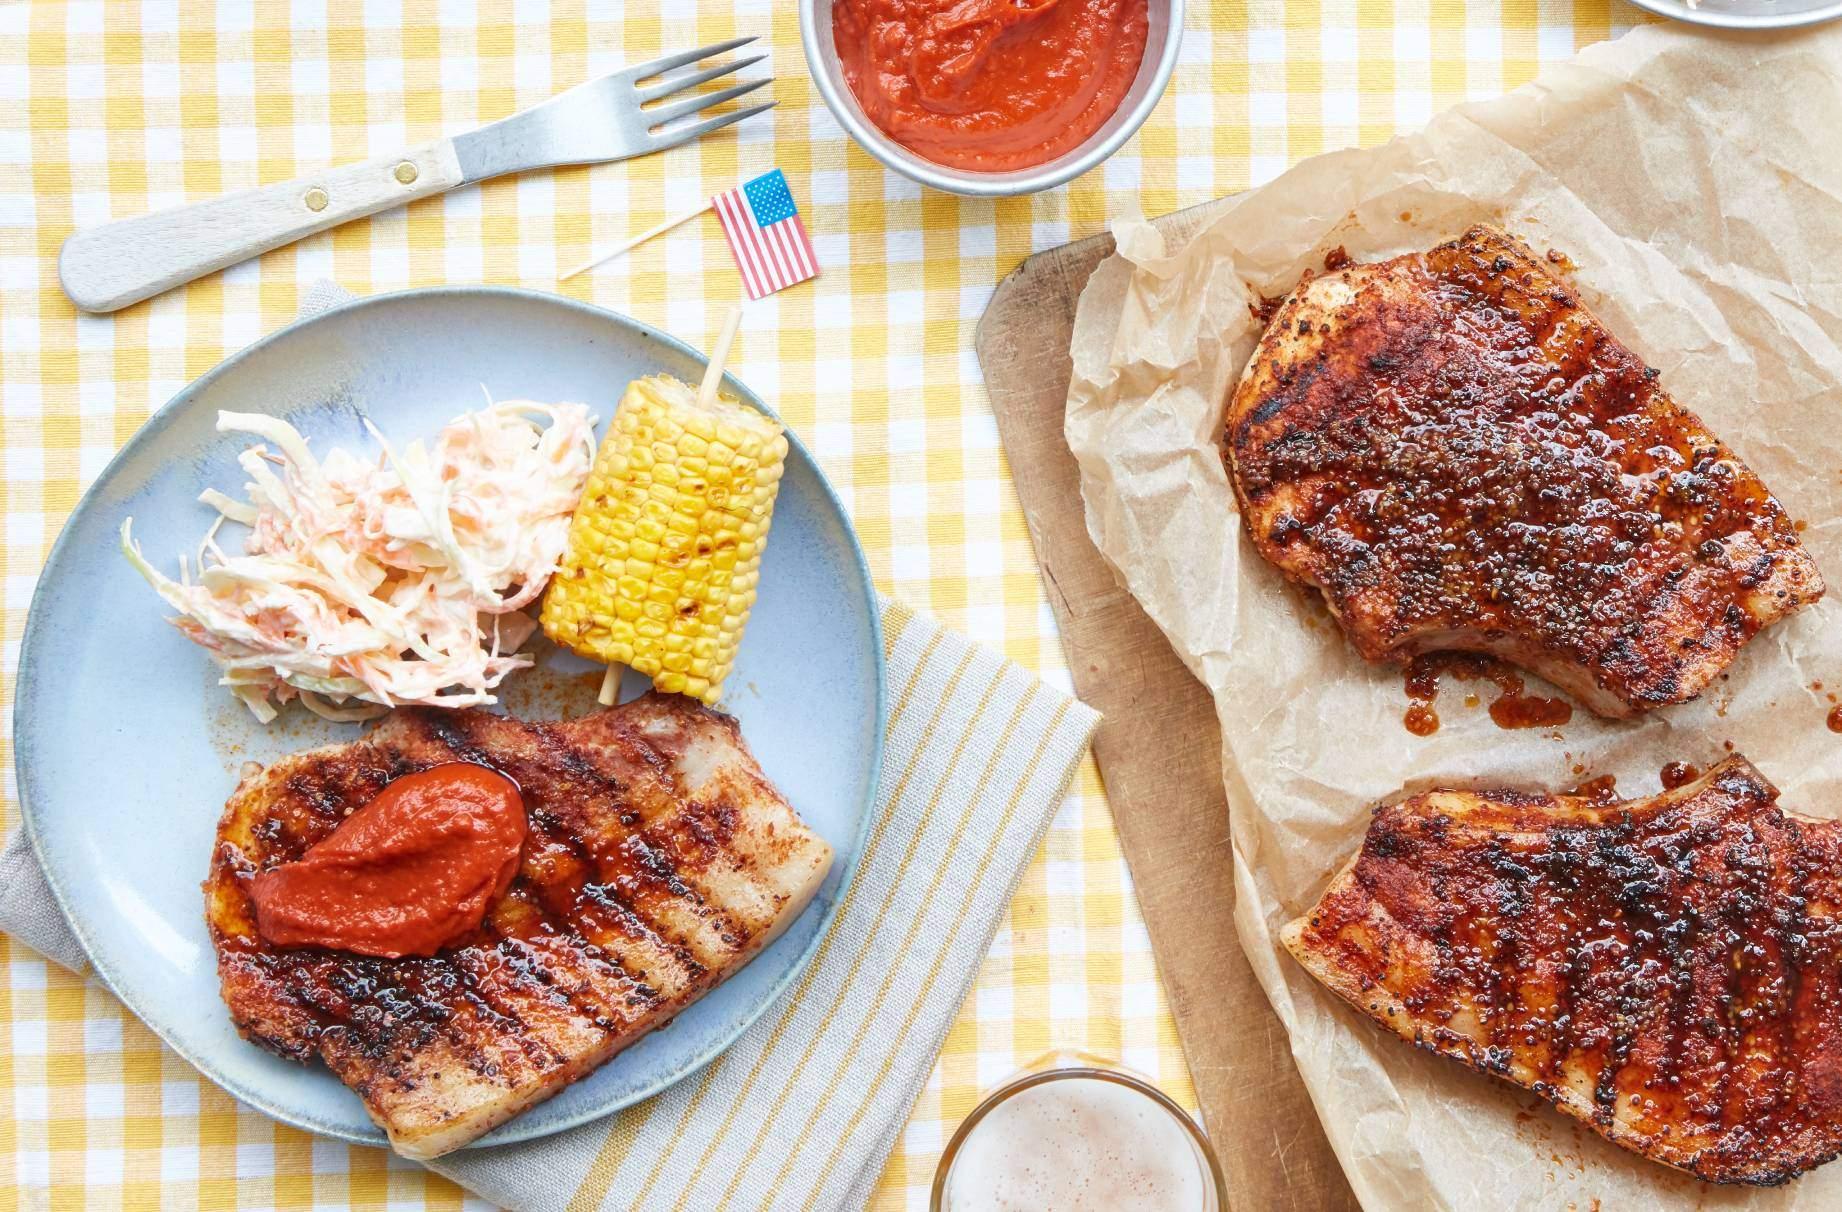 Chuletas de cerdo estilo americano con salsa barbacoa Para saborear el Medio Oeste de Estados Unidos, debes preparar estas chuletas de cerdo dulces y picantes al estilo americano con salsa de barbacoa.